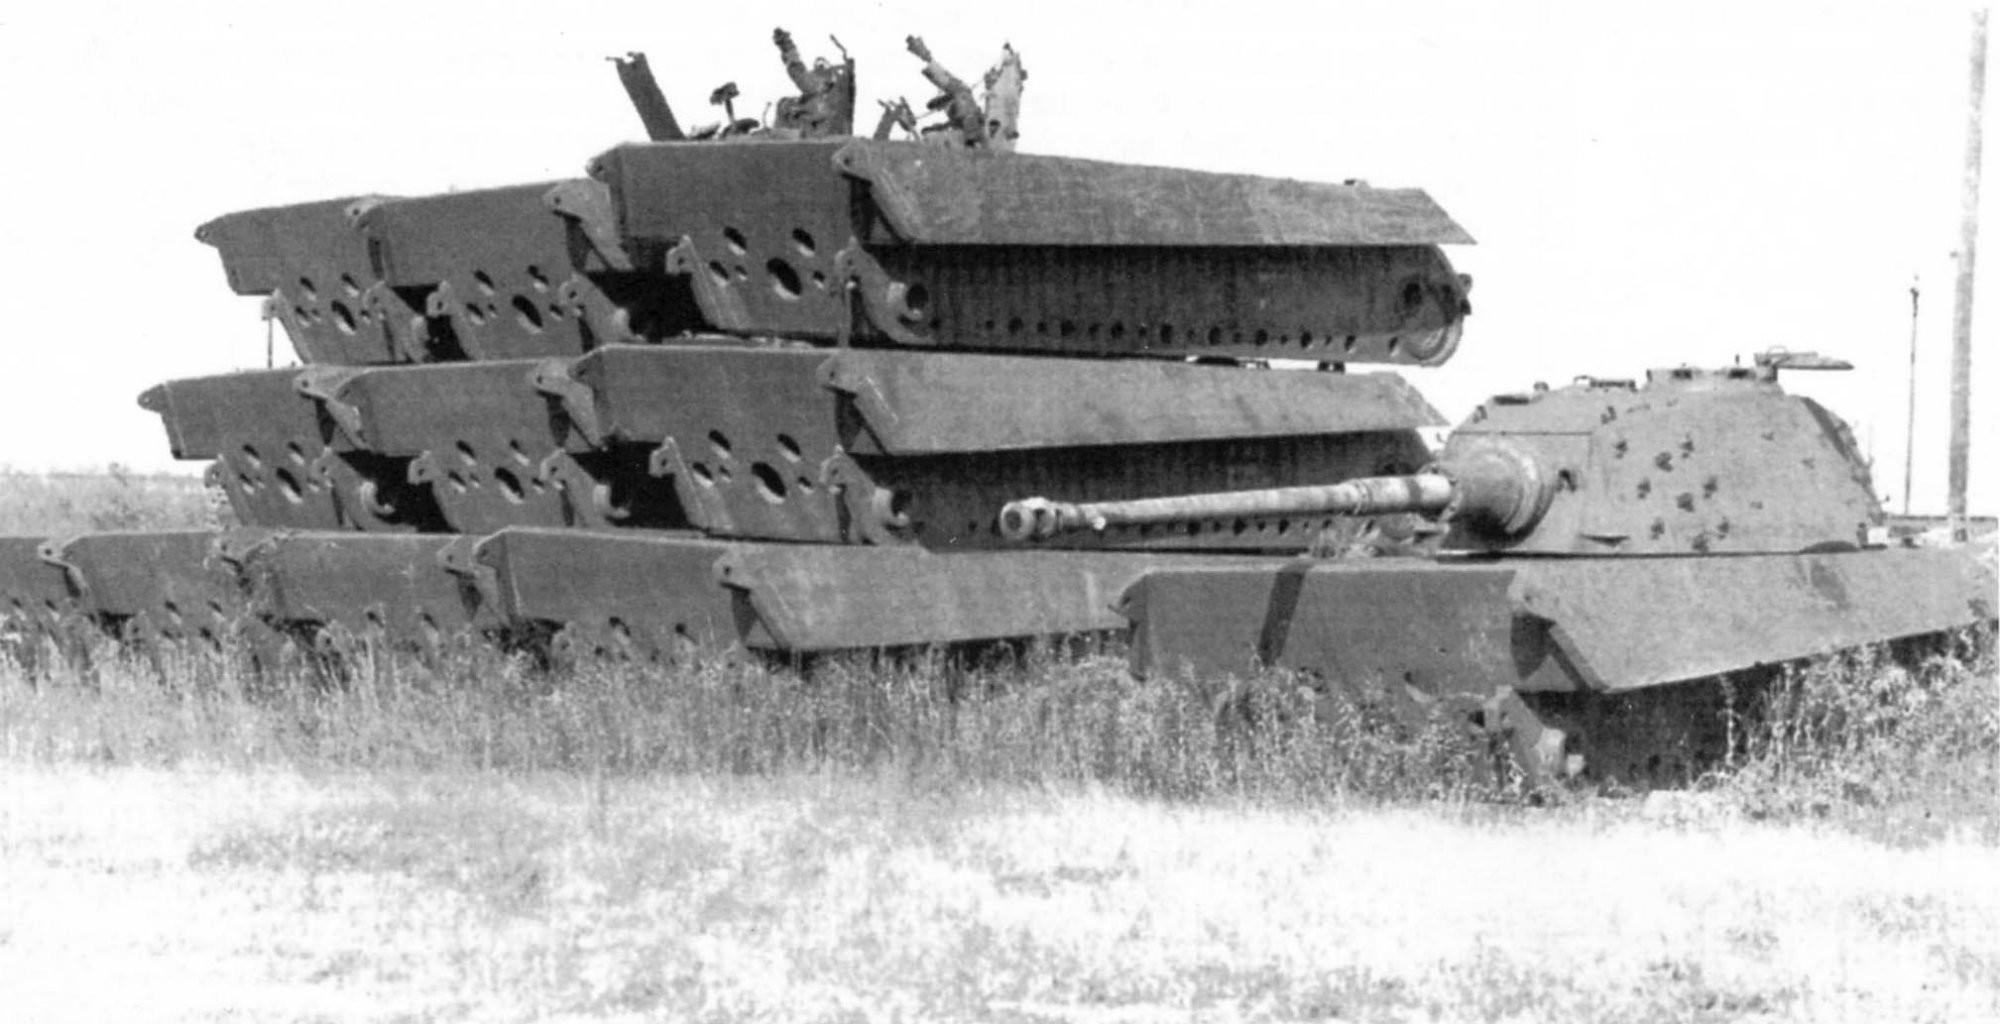 Raw steel Tiger II hulls